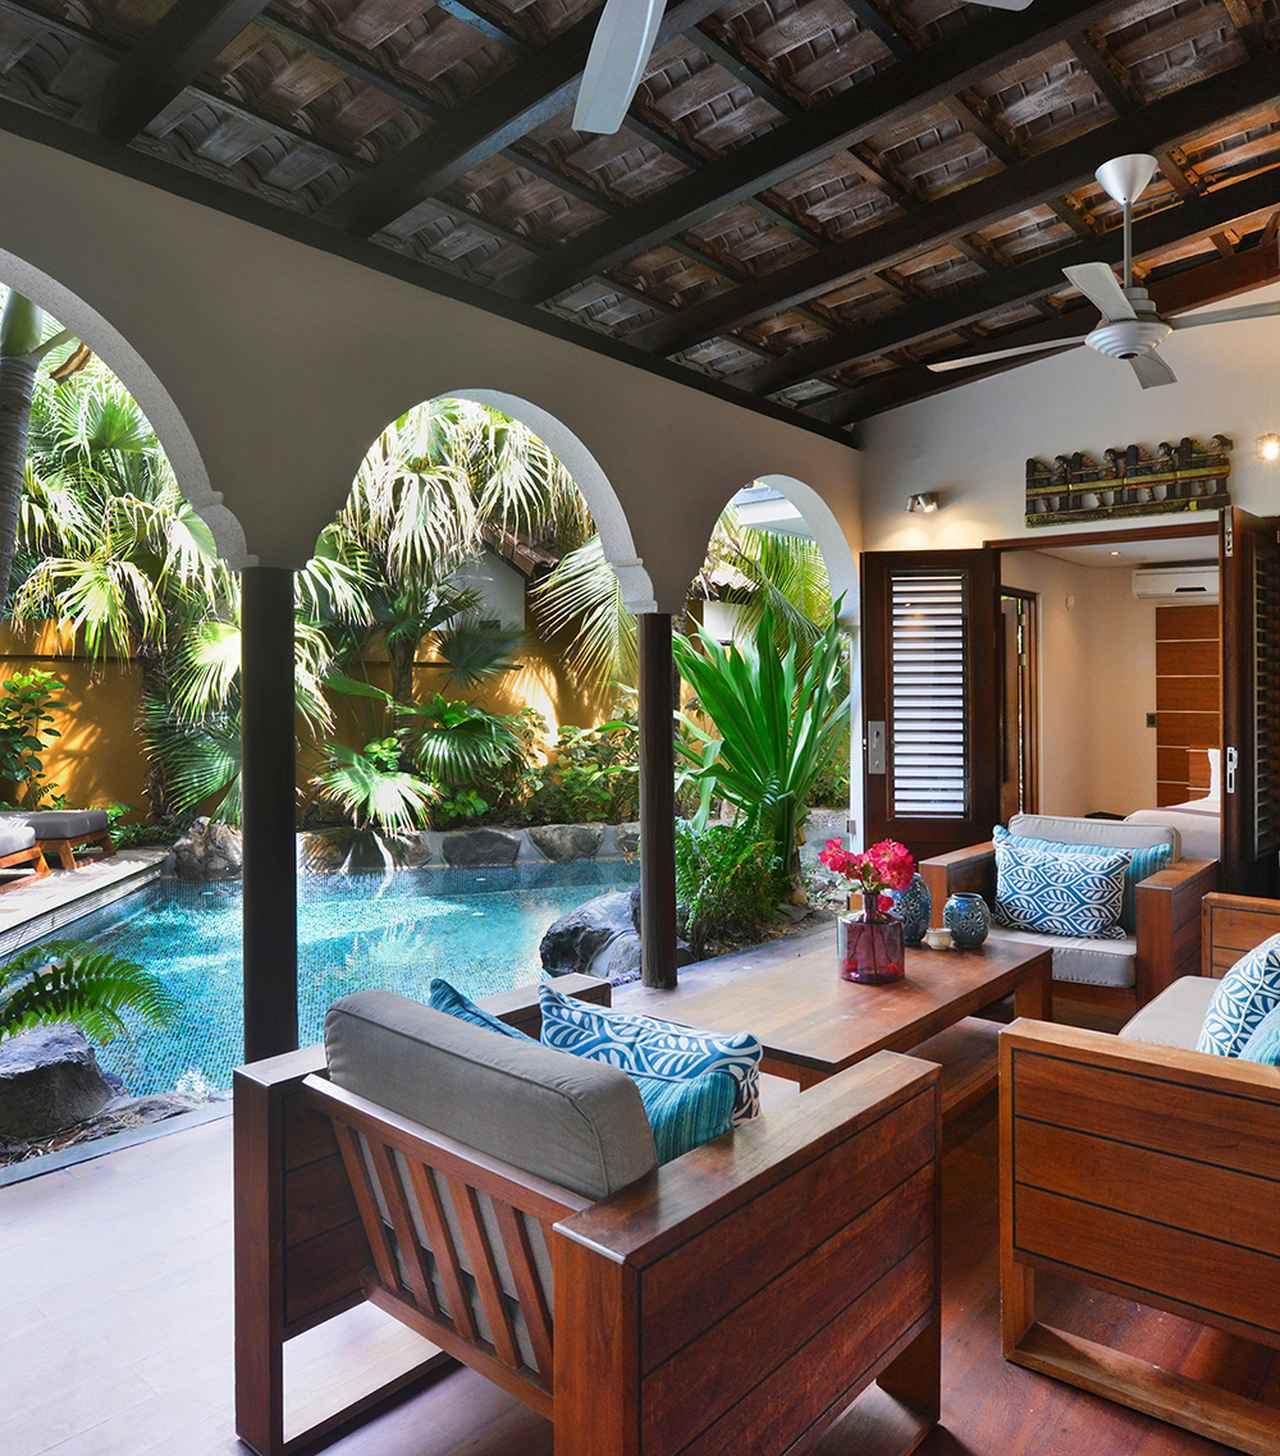 画像: 「バオアセ・ラグジュアリー・リゾート」のプライベートプールを完備したヴィラ COURTESY OF BAOASE LUXURY RESORT